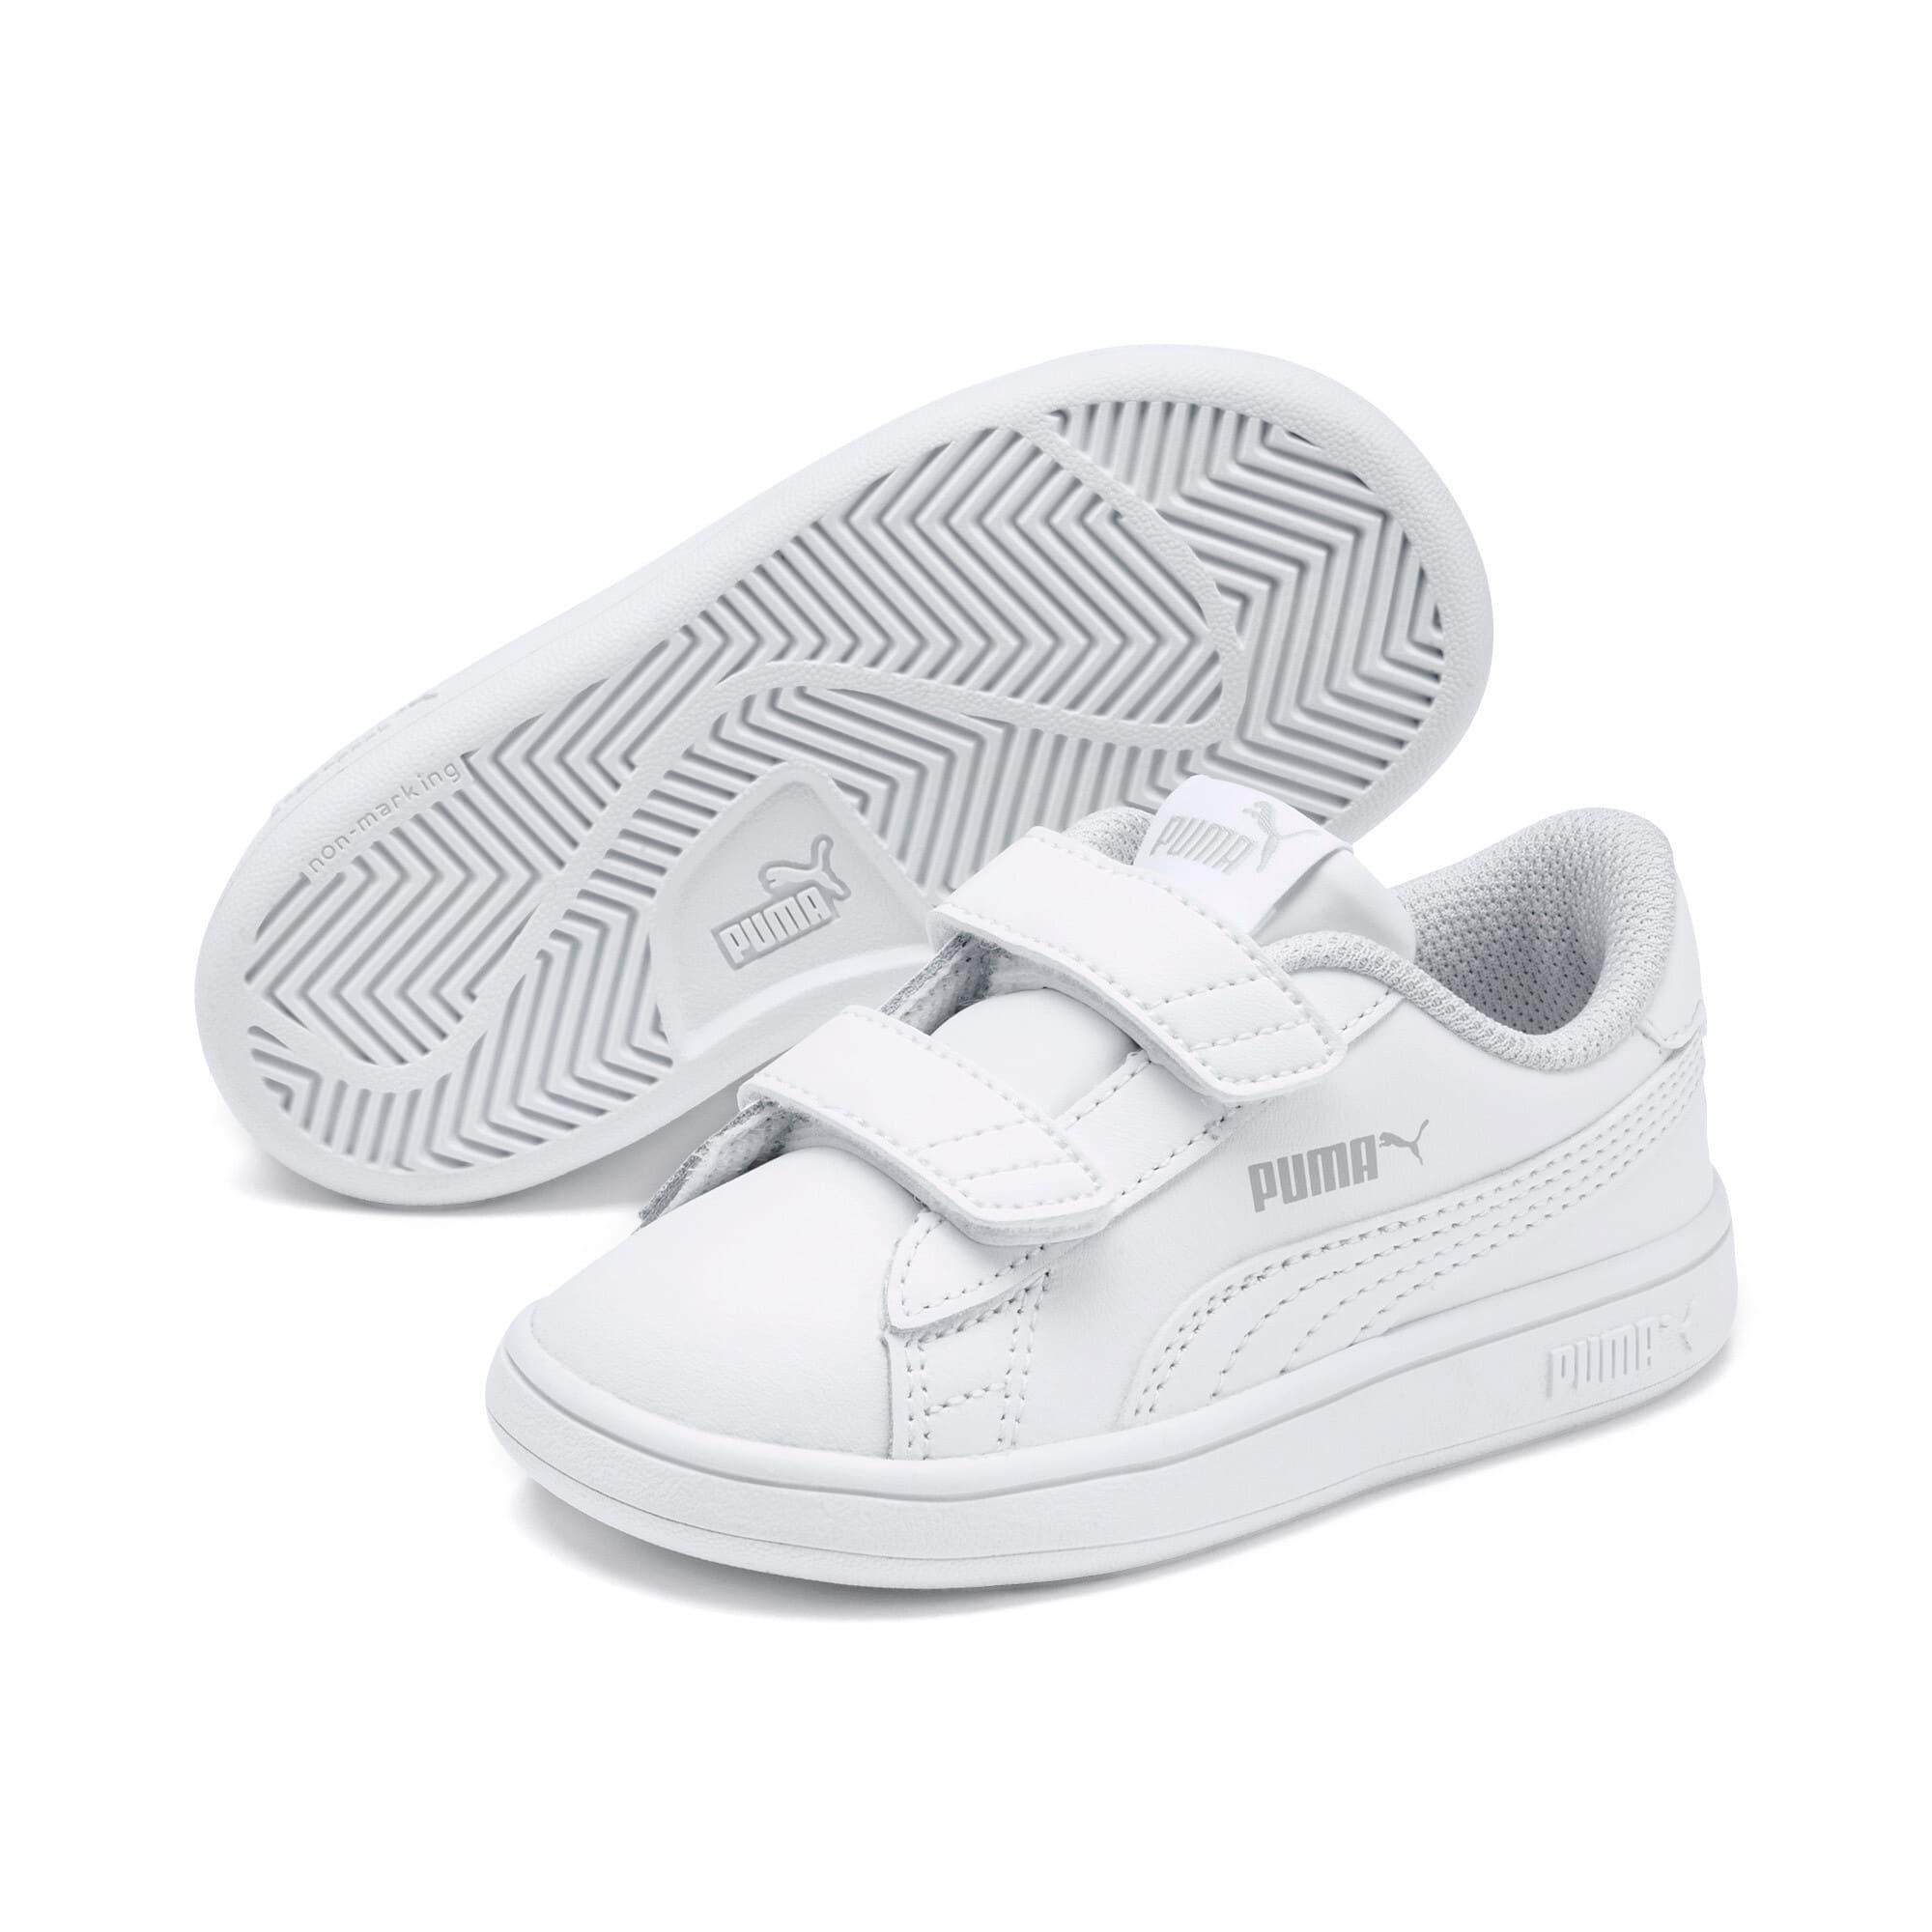 Thumbnail 2 of Puma Smash v2 L V Toddler Shoes, Puma White-Puma White, medium